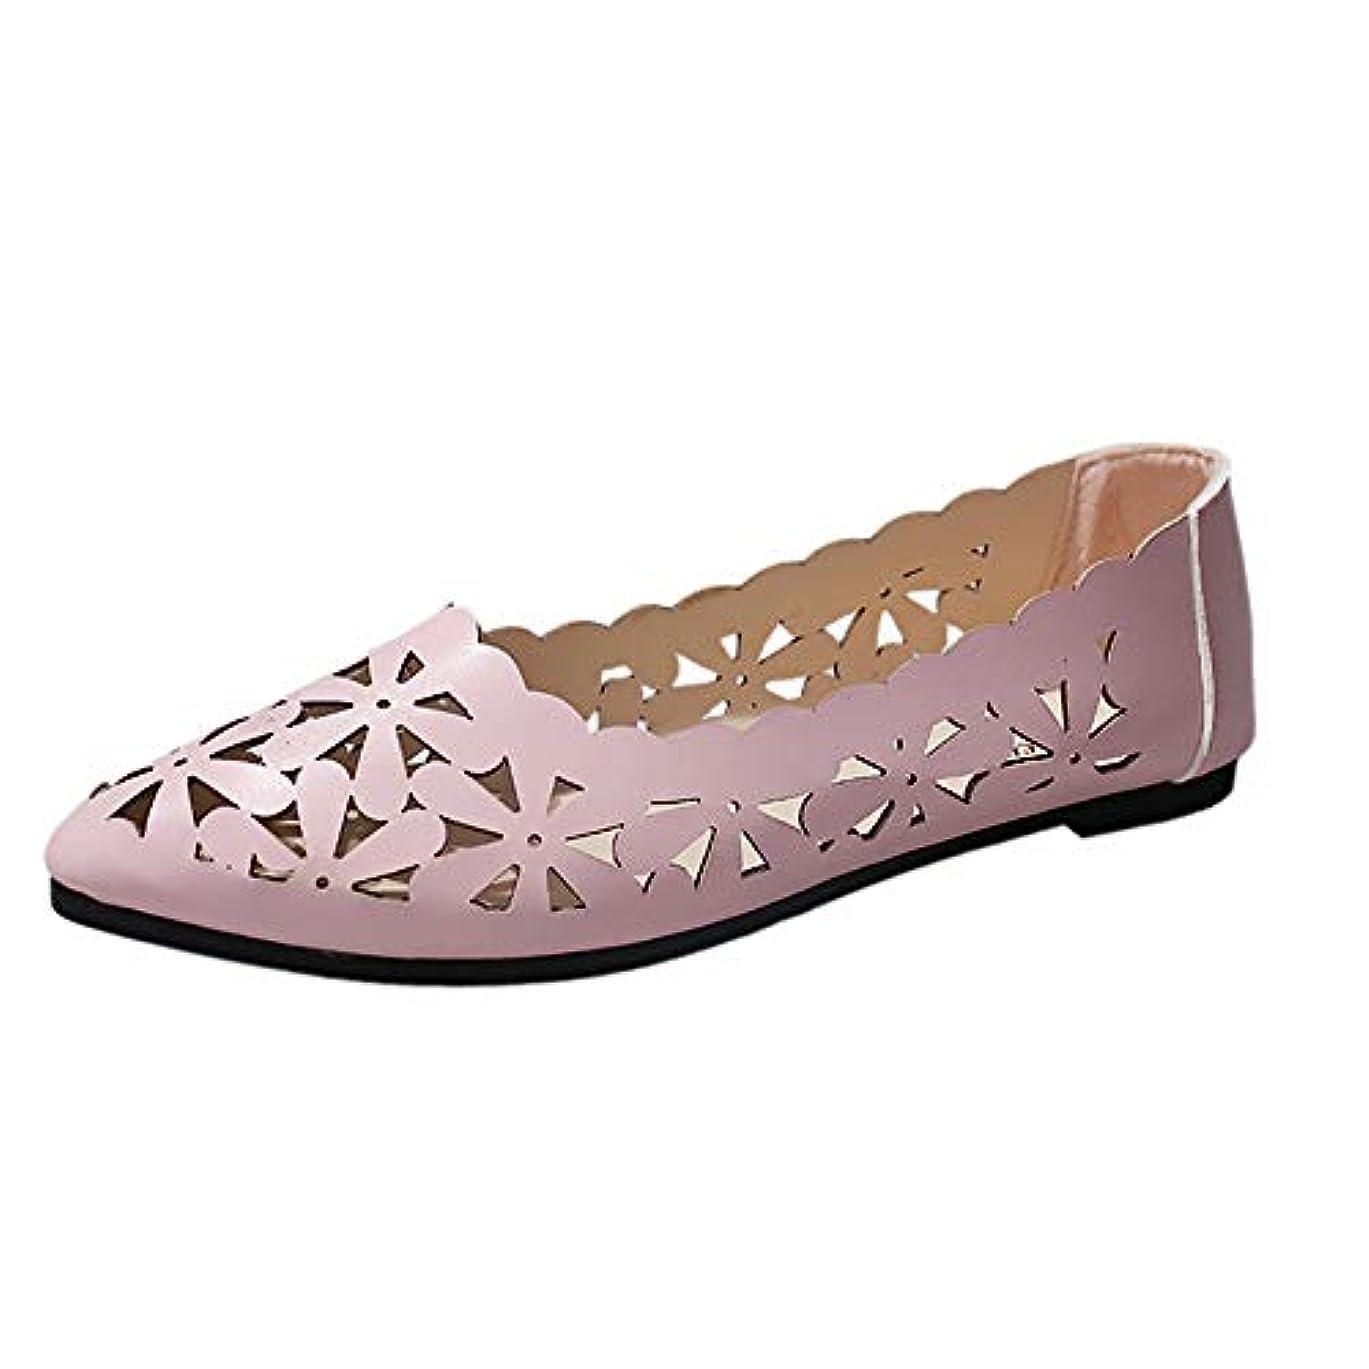 不完全セクタ書道レディース サンダル Tongdaxinxi 女性の浅いフラットヒール 花の形の裸の靴をくりぬきますつま先の靴 レディース パンプス ポインテッドトゥ ローヒール 本革 フラットシューズ 柔らかい 歩きやすい カジュアル